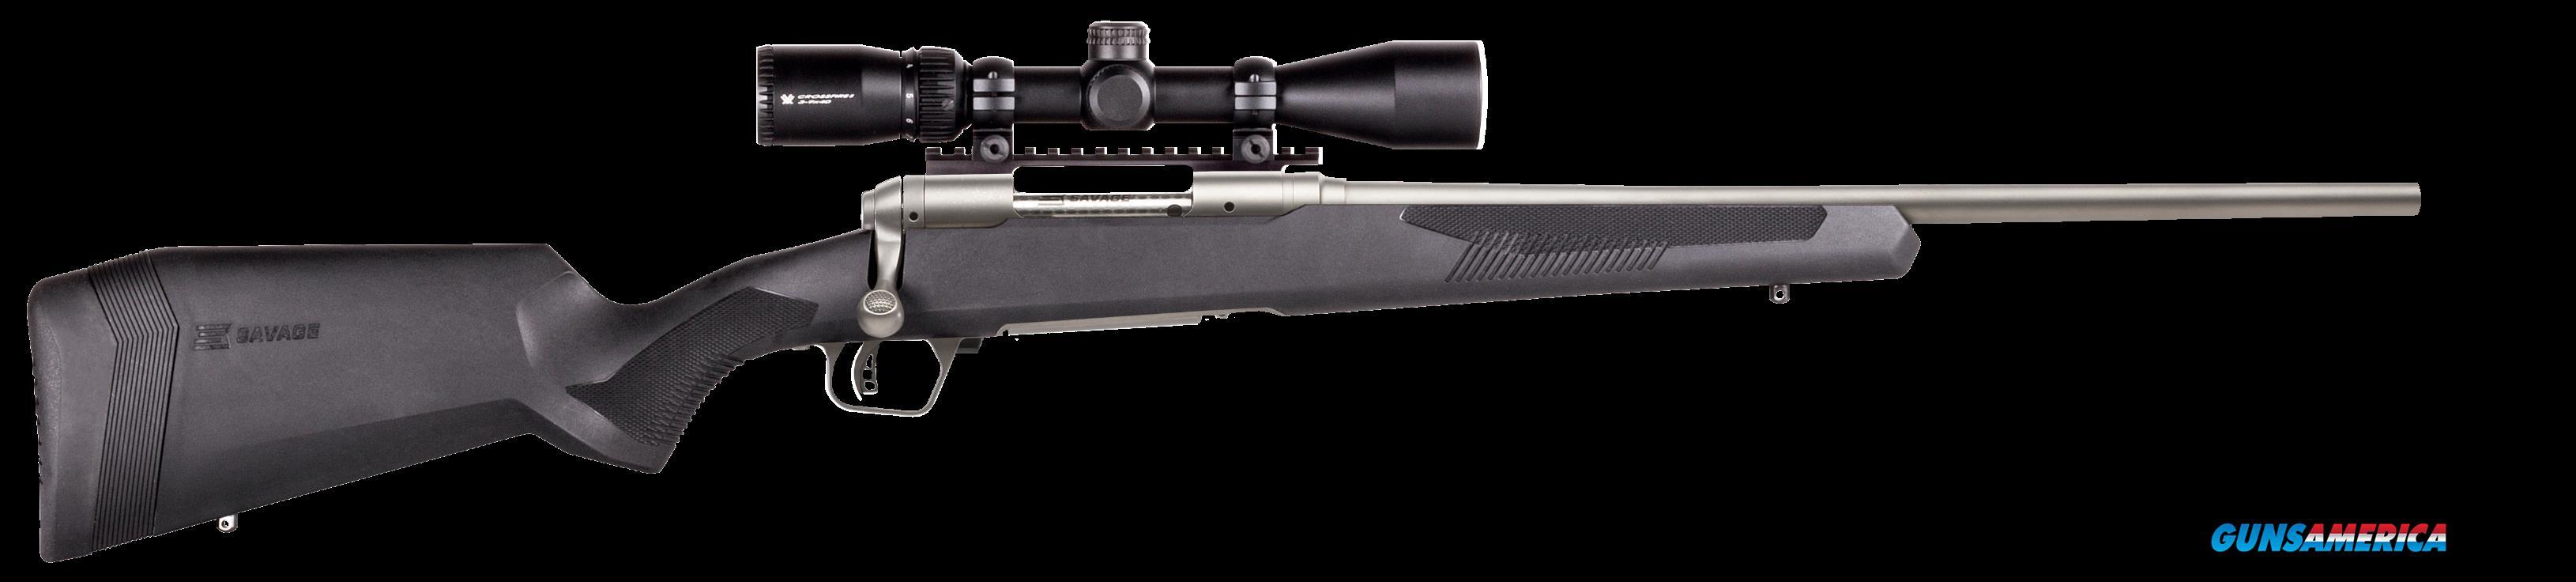 Savage 10-110, Sav 57345 110 Apex Storm Xp  7mm08          Vortex  Guns > Pistols > 1911 Pistol Copies (non-Colt)